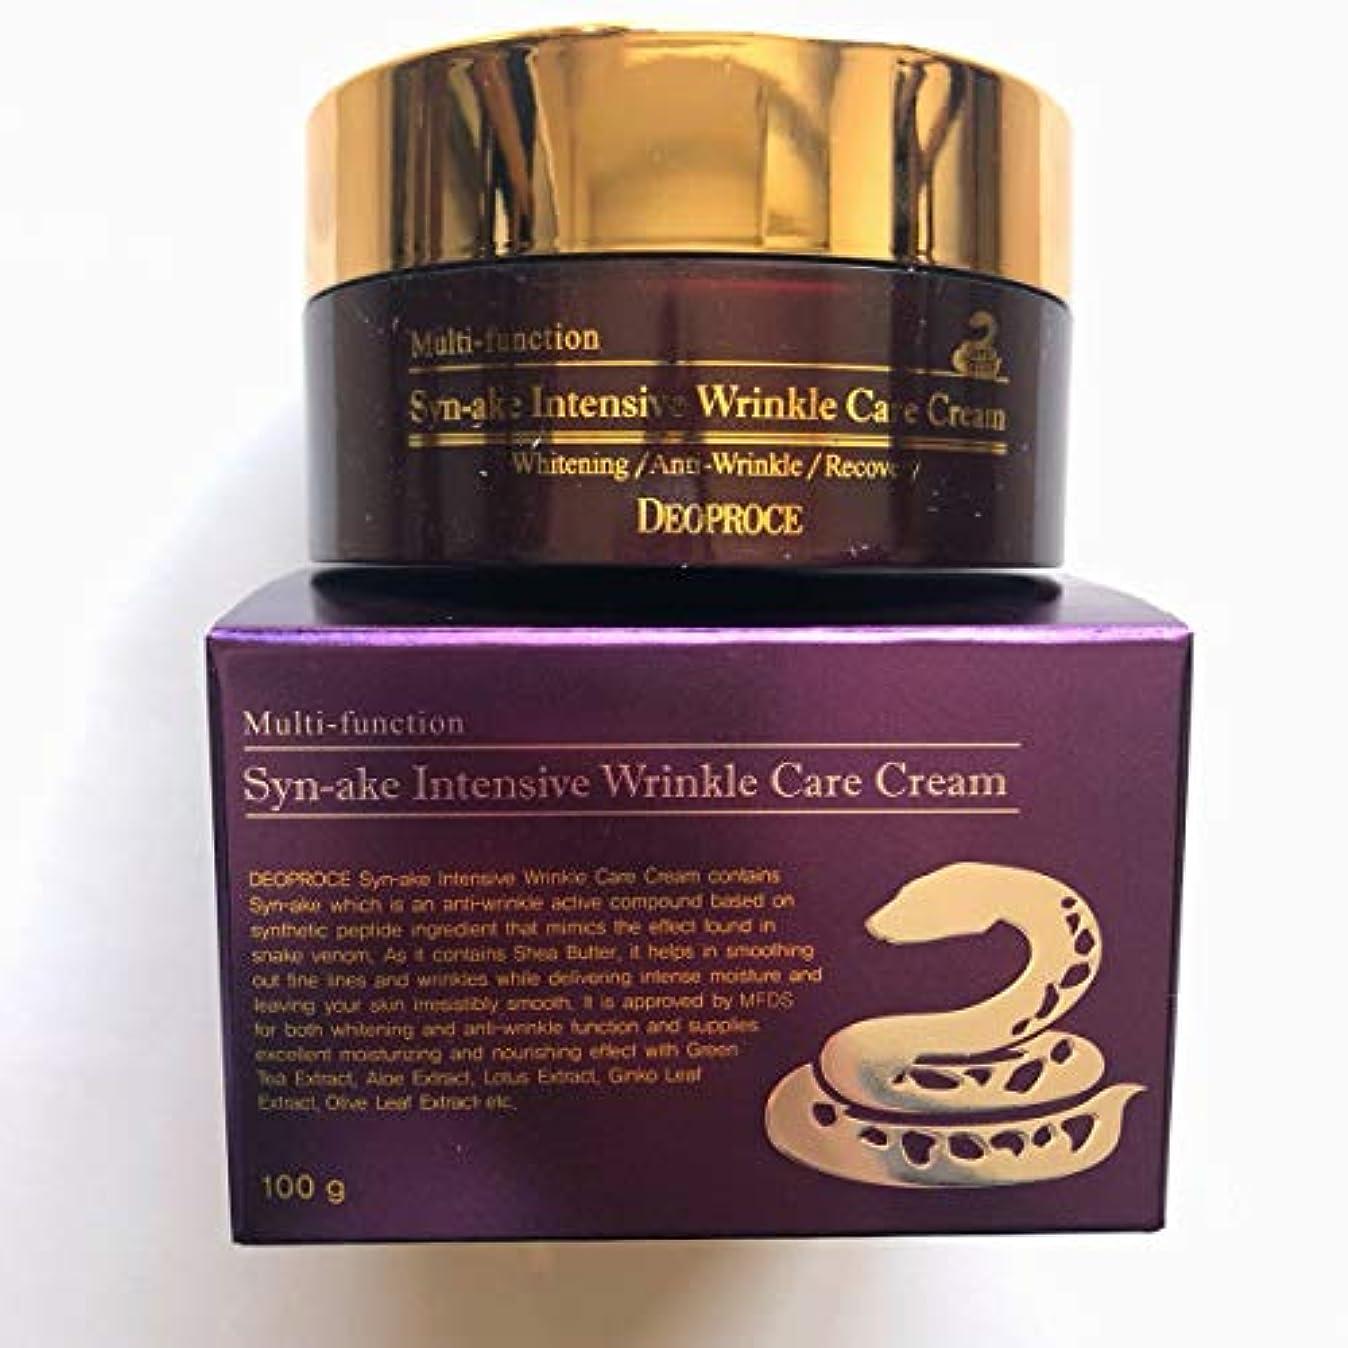 枠ひまわりパフディオプラス(DEOPROCE) スネークインテンシブリンクルケアクリーム (Syn-ake Intensive Wrinkle Care Cream)